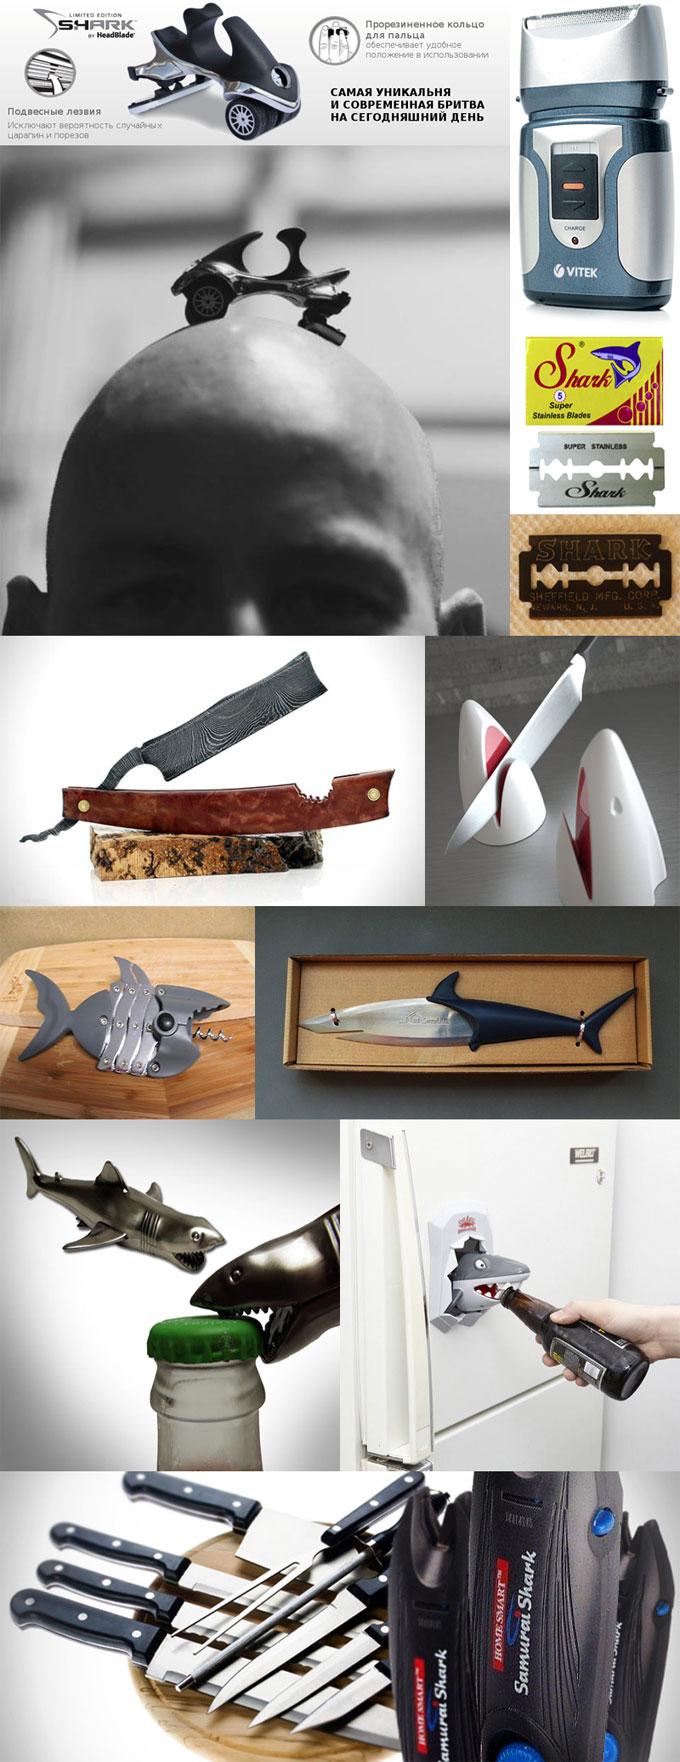 Фотографии бритвы и ножи Shark